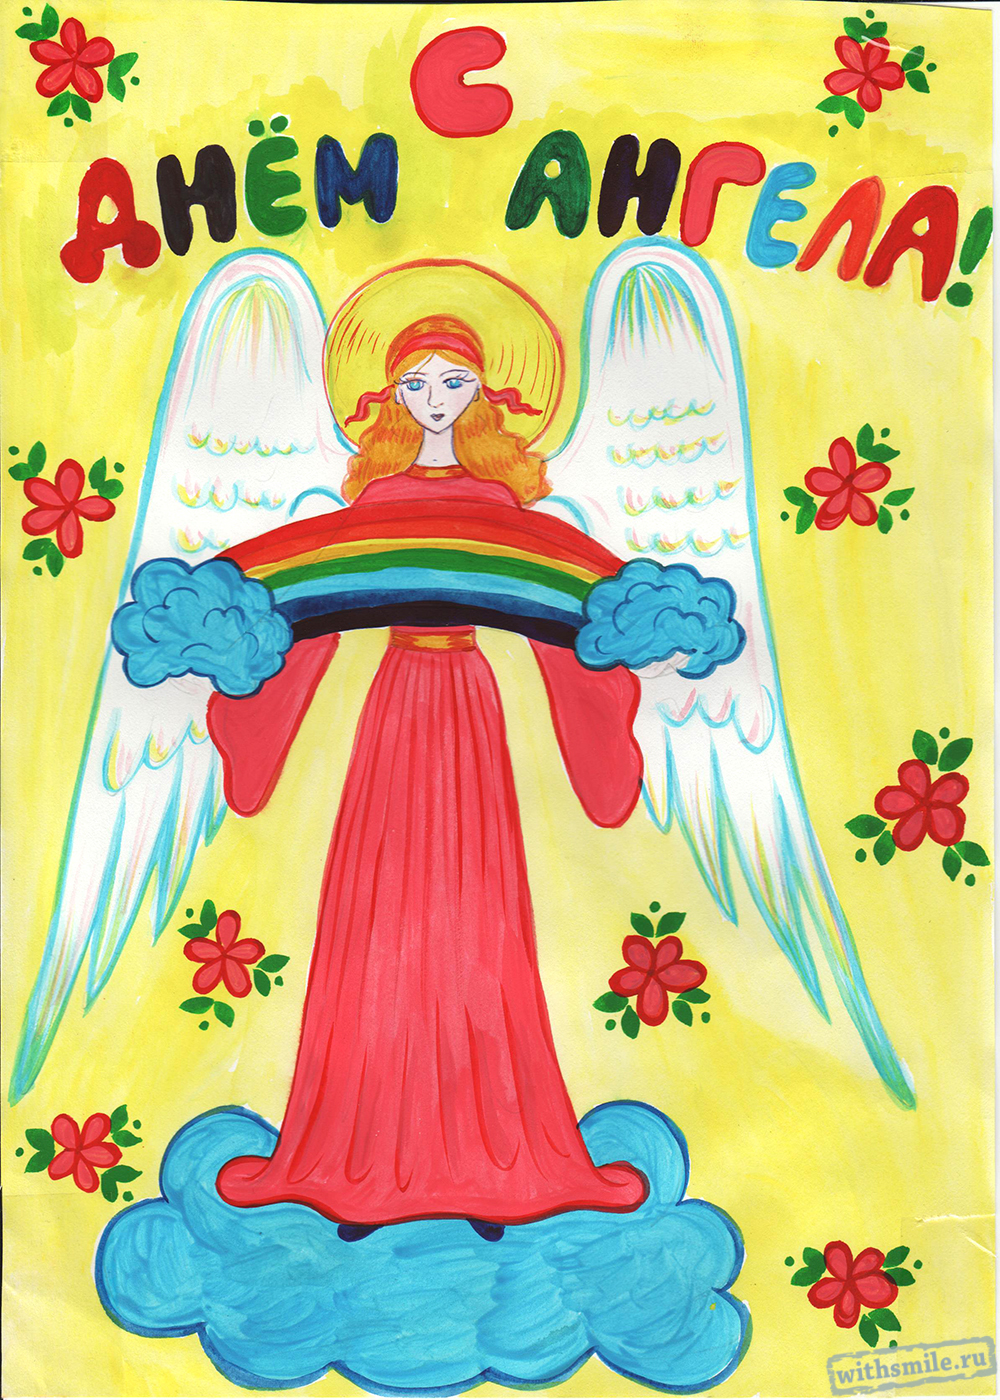 С днем Ангела, открытка, Ангел, радуга, скачать, поздравление с днем Ангела